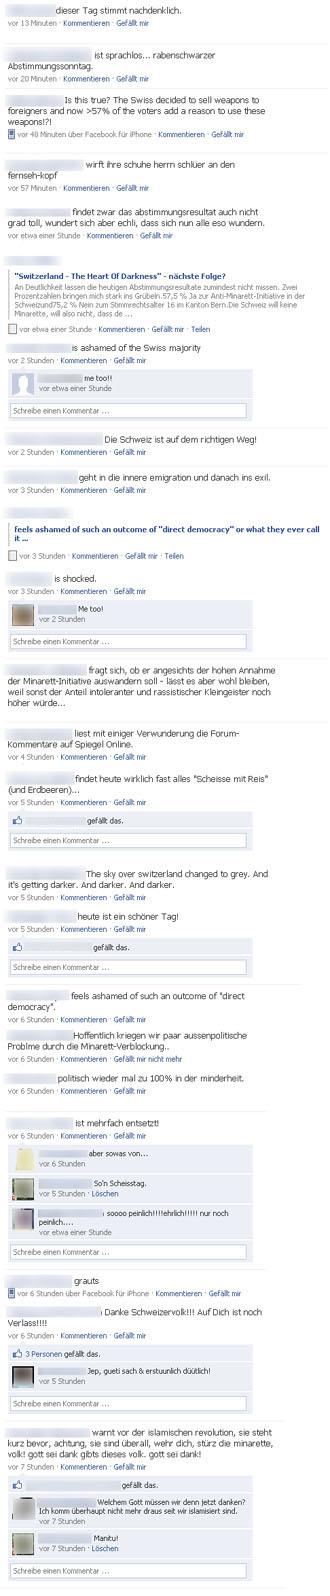 Anonymisierte Facebook-Kommentare zur heutigen Abstimmung